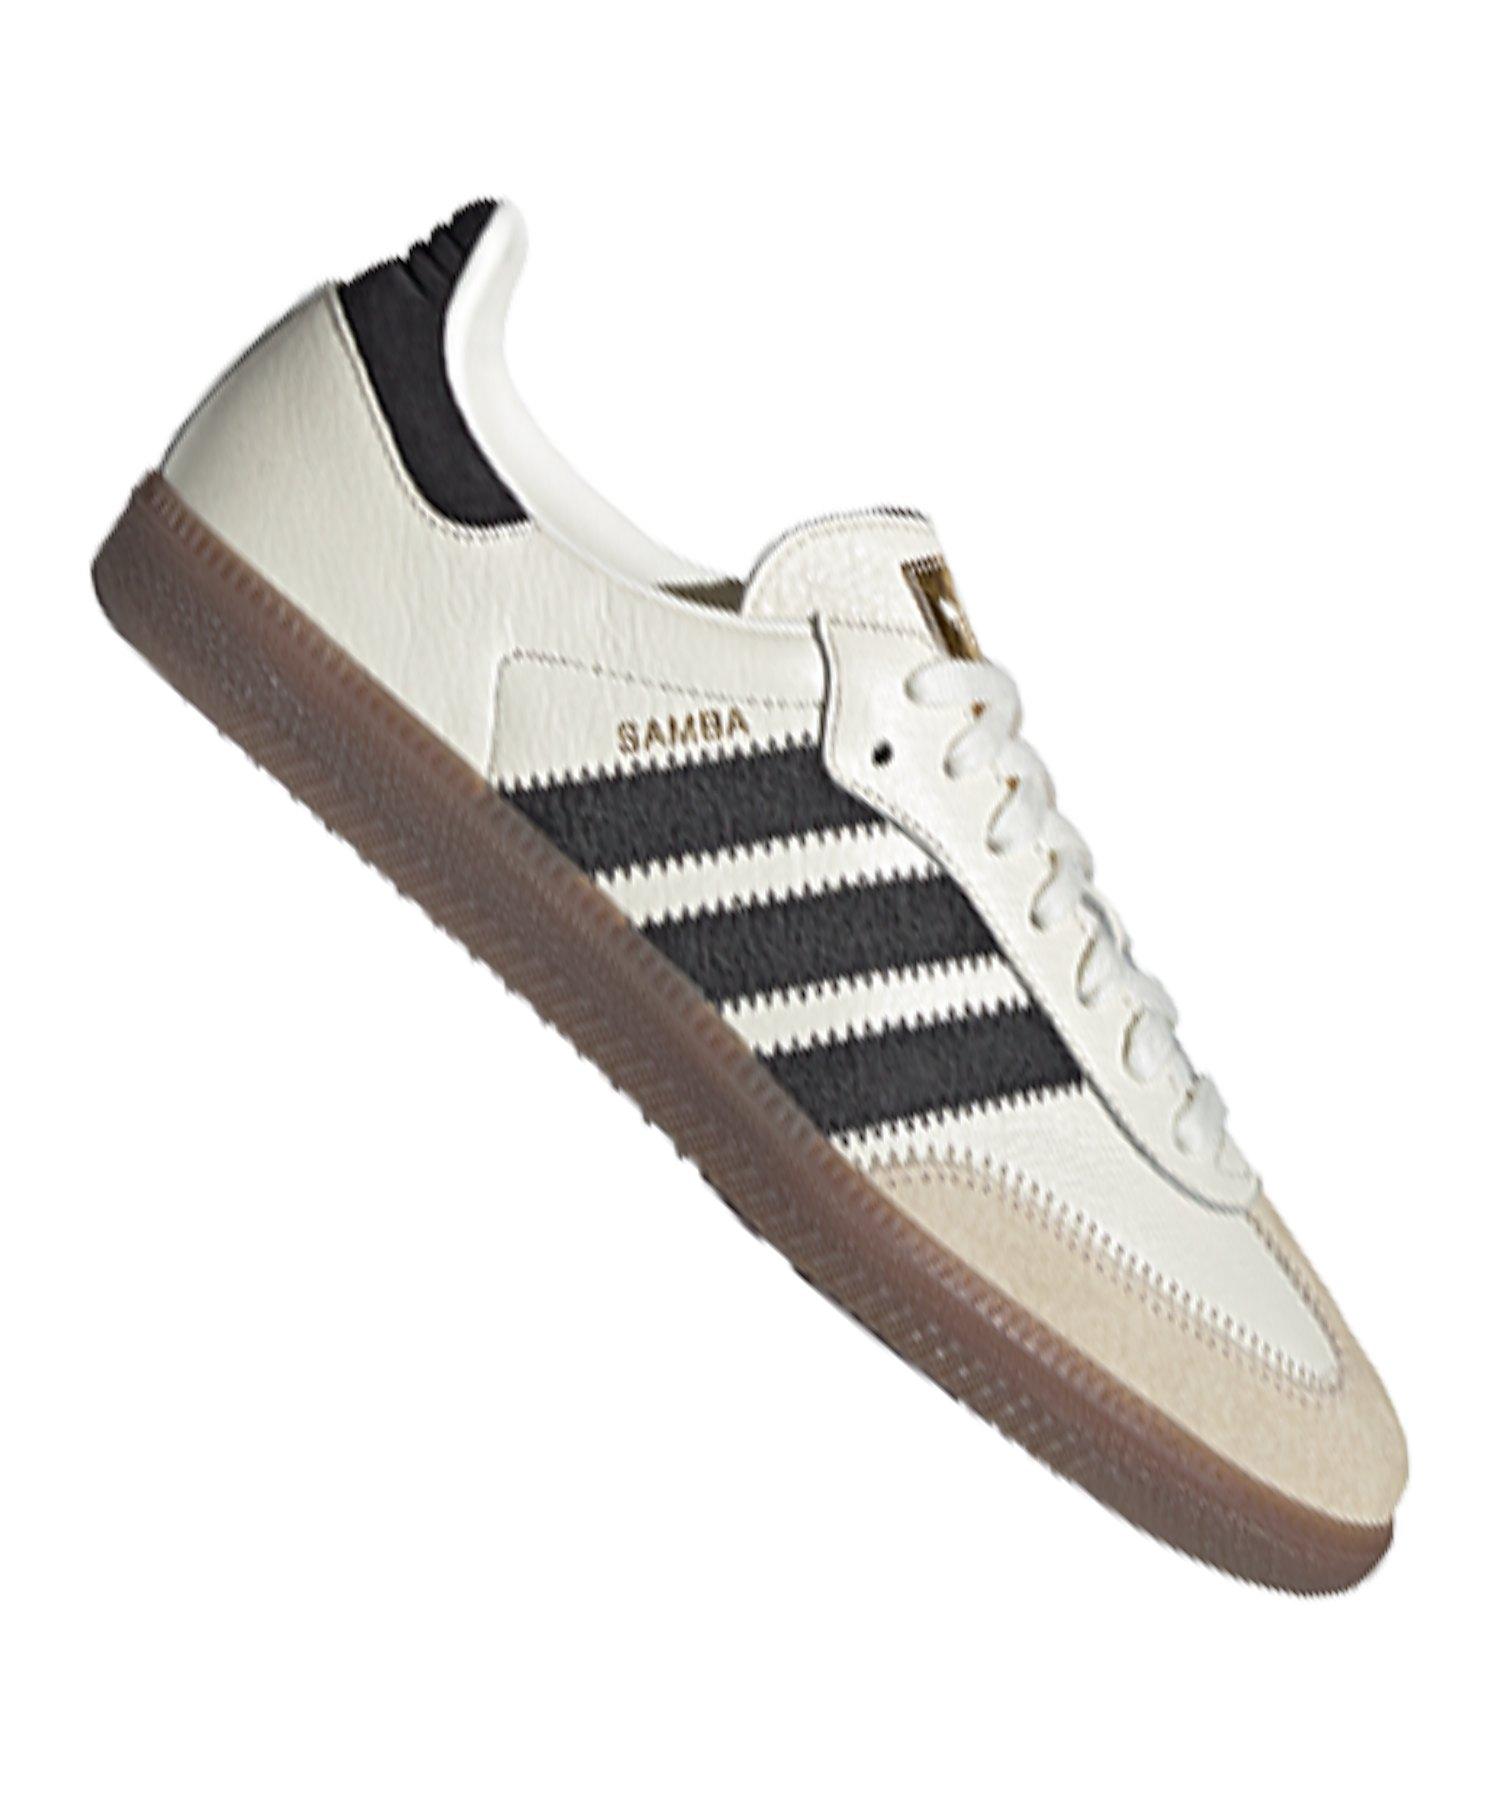 Schuhe Schwarz Weare Adidas Im München Weiß Shop Gold mn0vNwO8